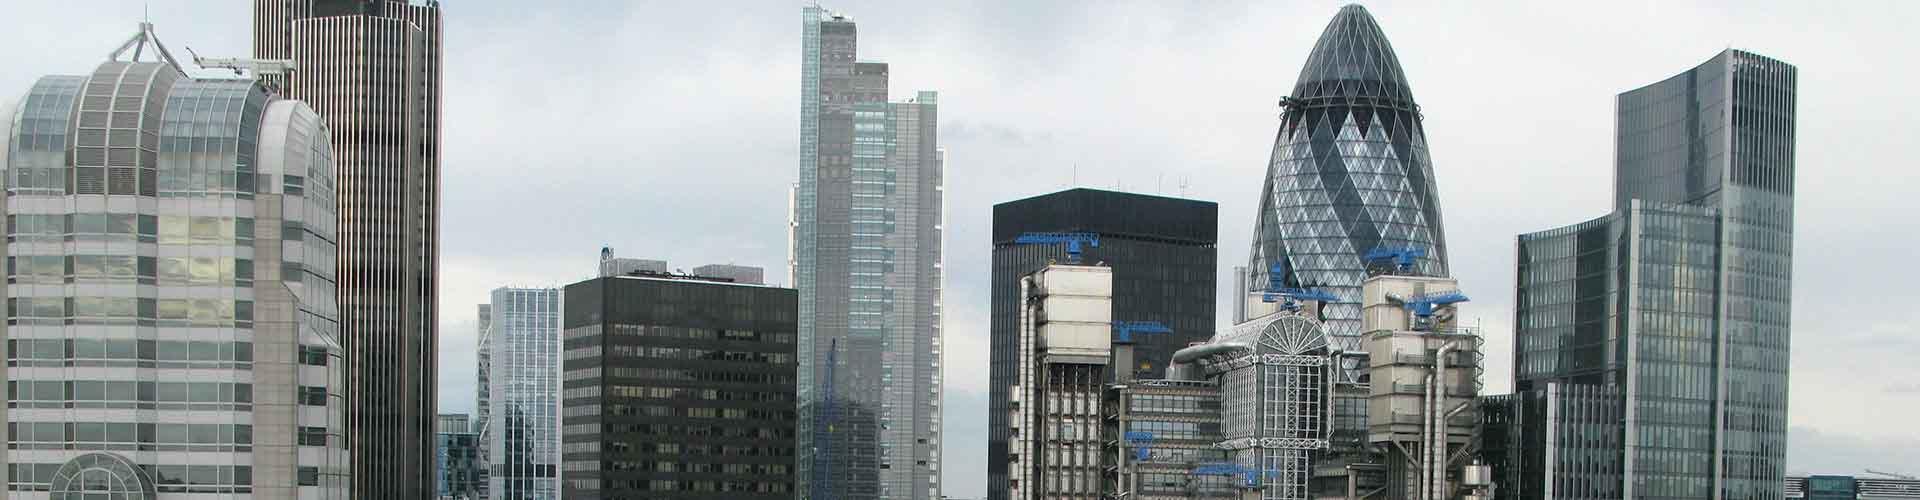 런던 - Lloyd's Building와 가까운 호스텔. 런던의 지도, 런던에 위치한 호스텔 사진 및 후기 정보.